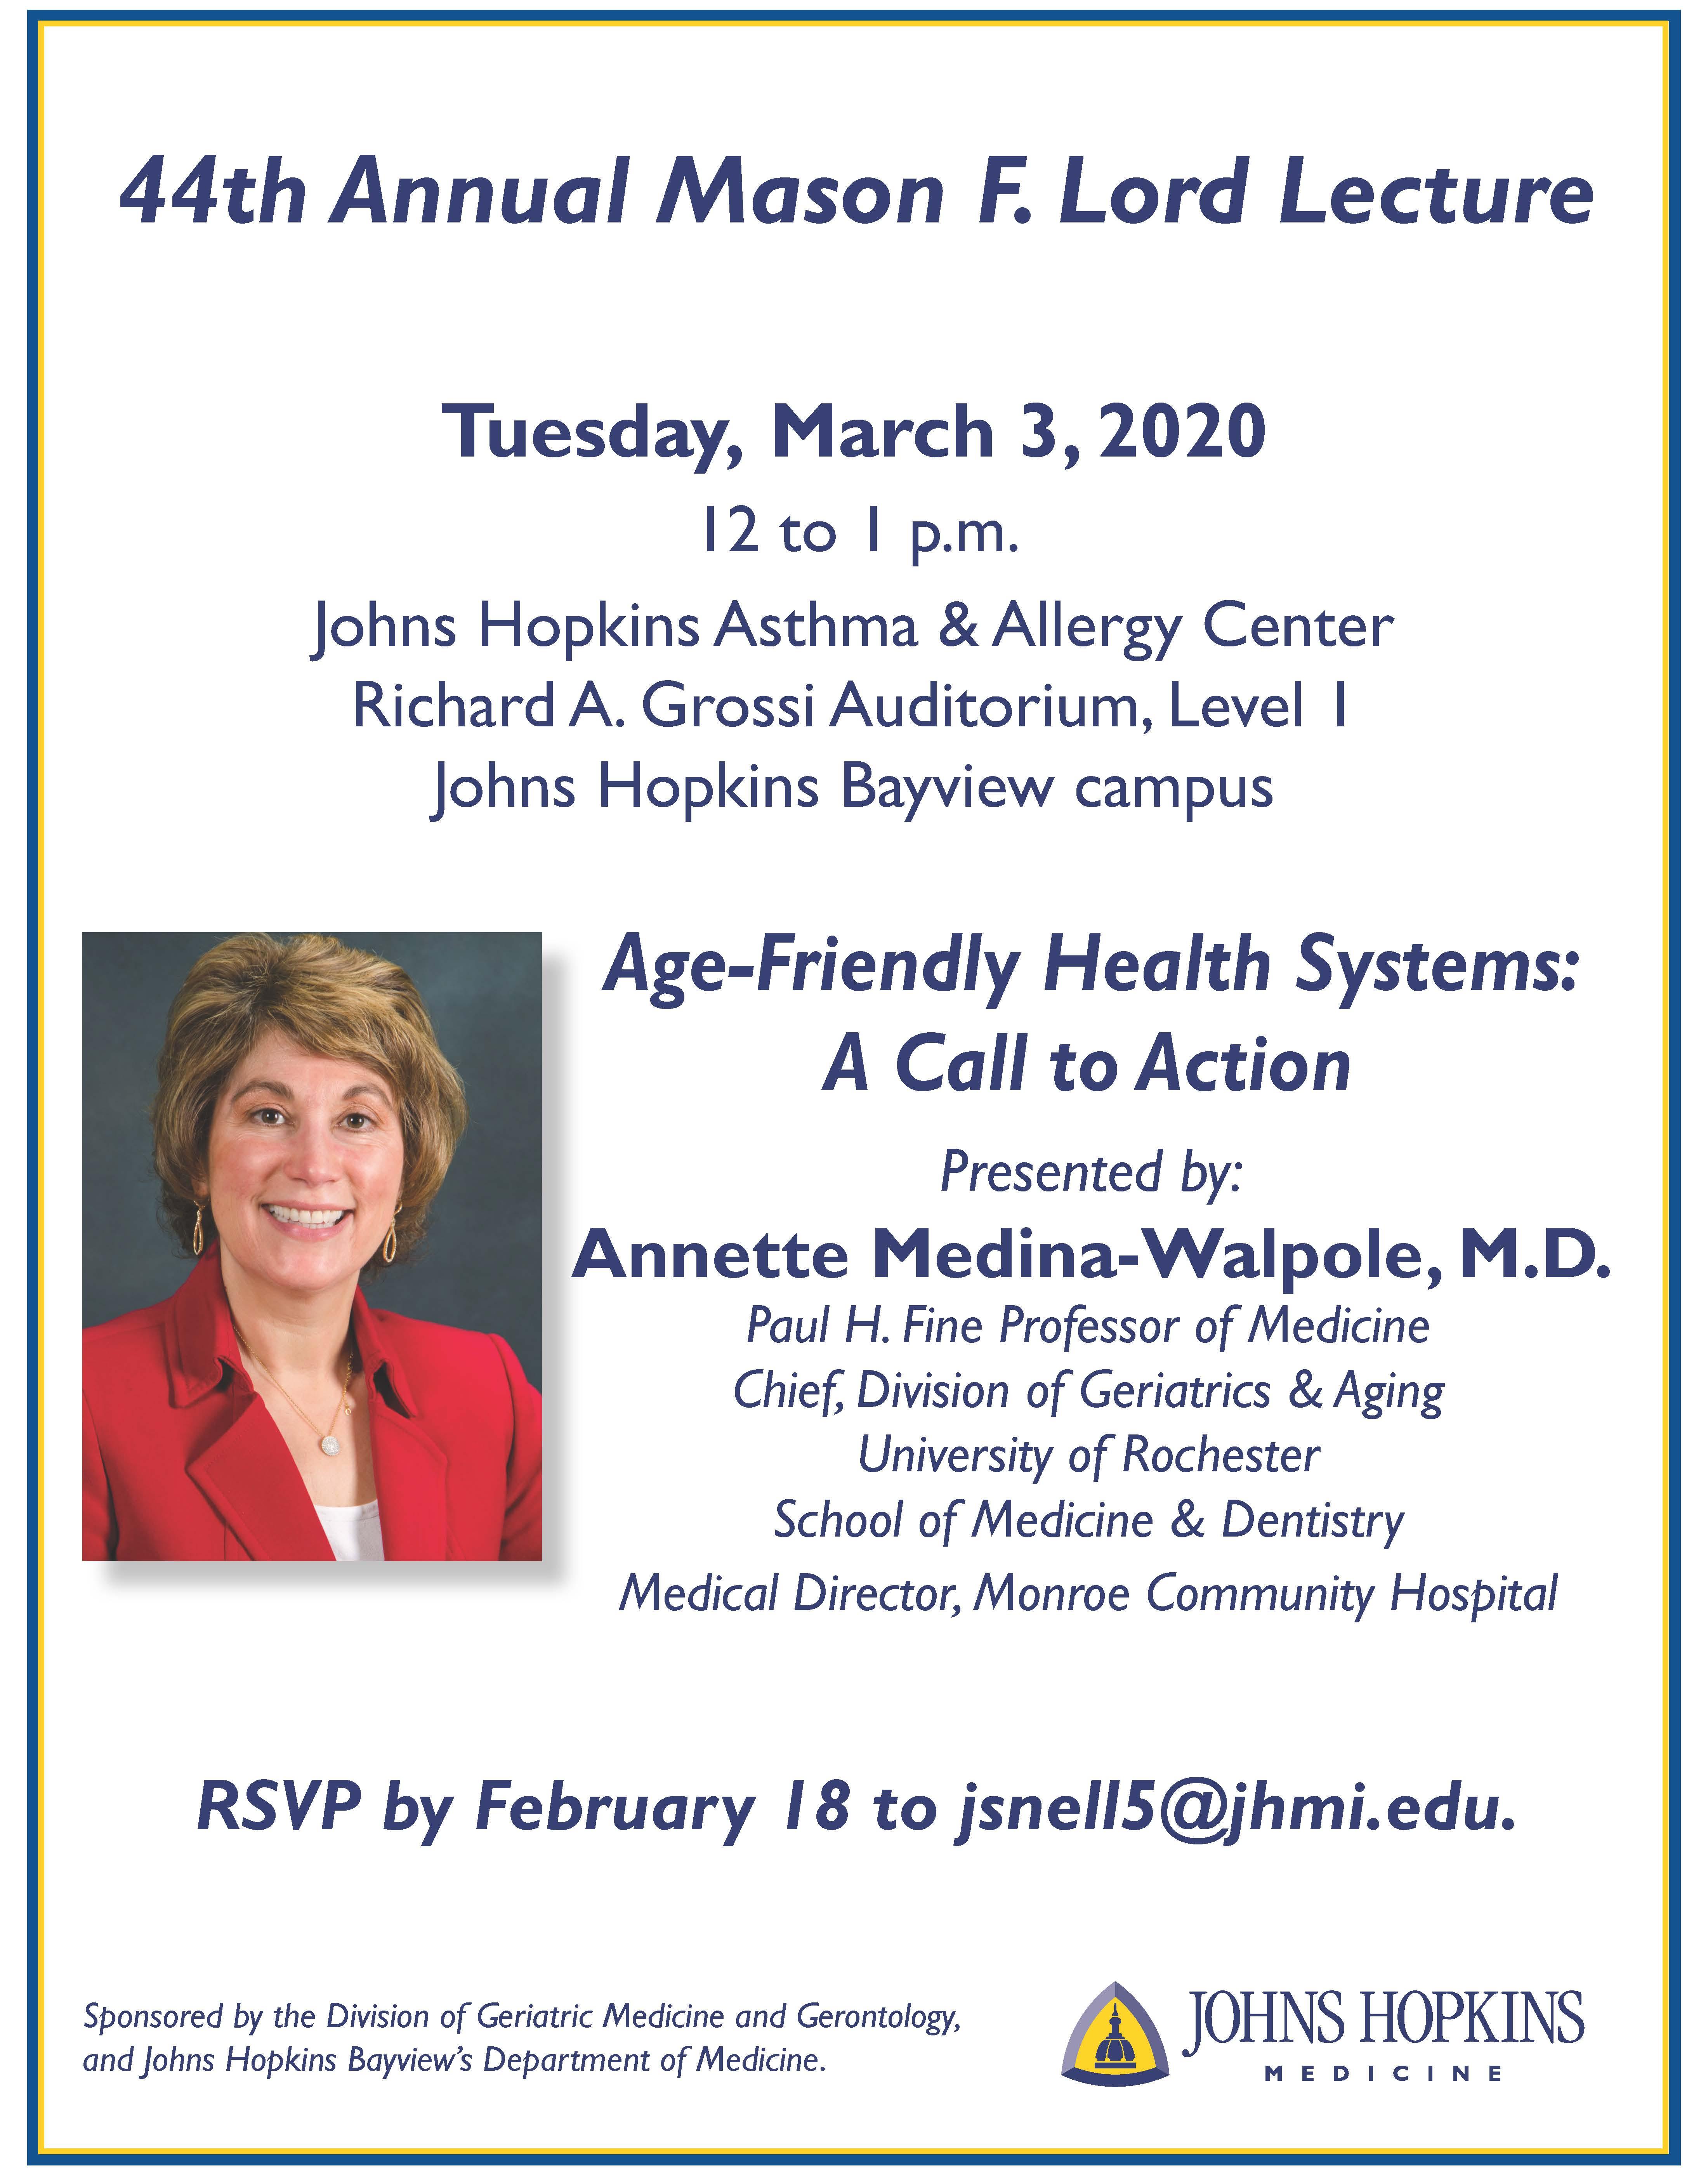 Invitation - Mason F. Lord Lecture March 3, 2020